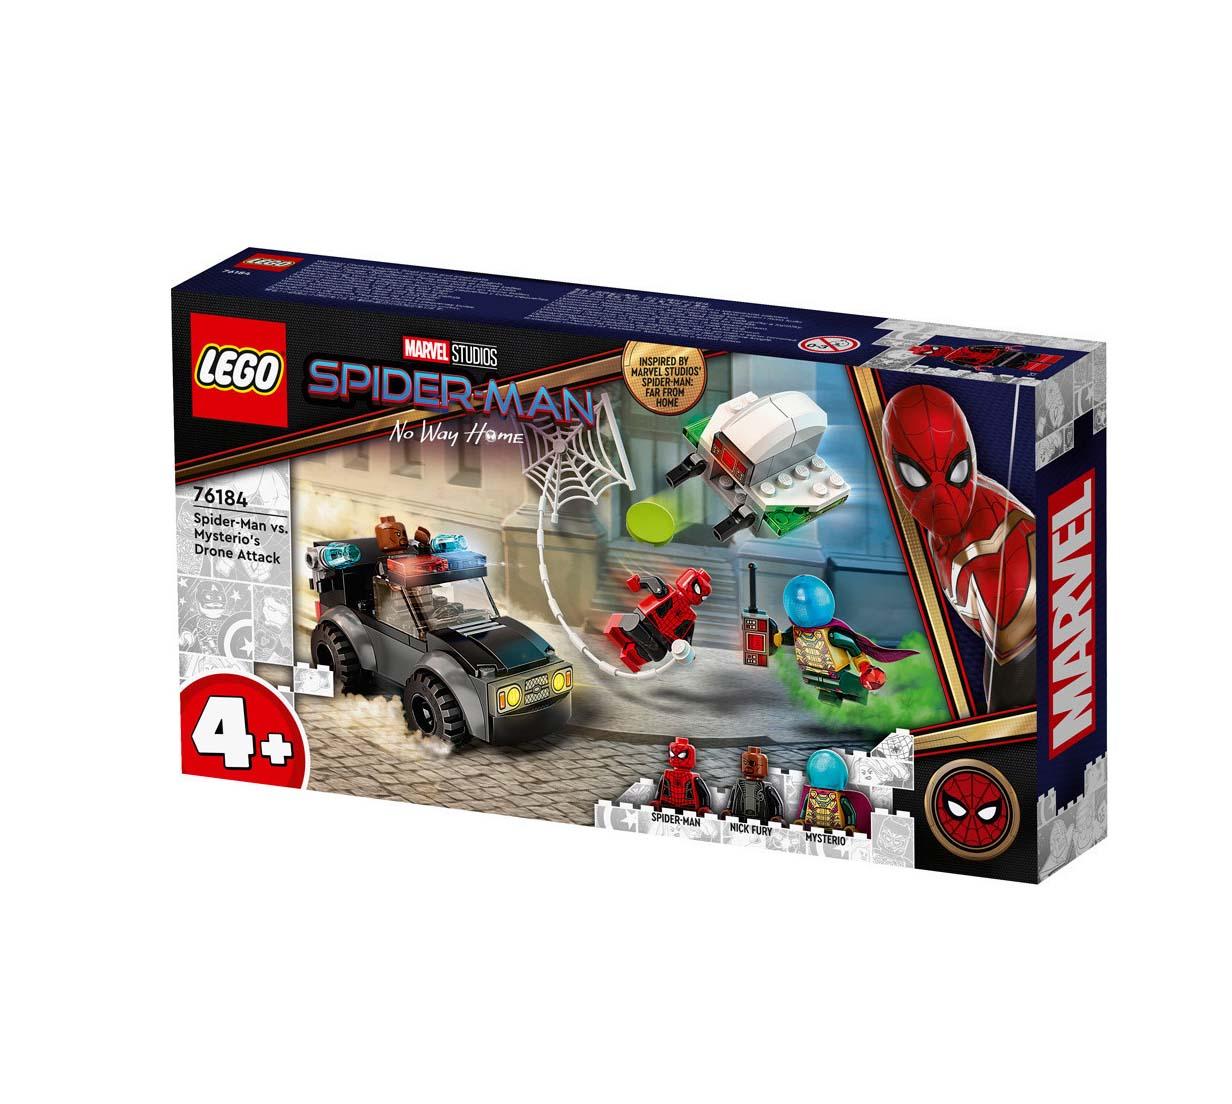 Lego Spider-Man: Spider-man Vs. Mysterio's Drone Attack 76184